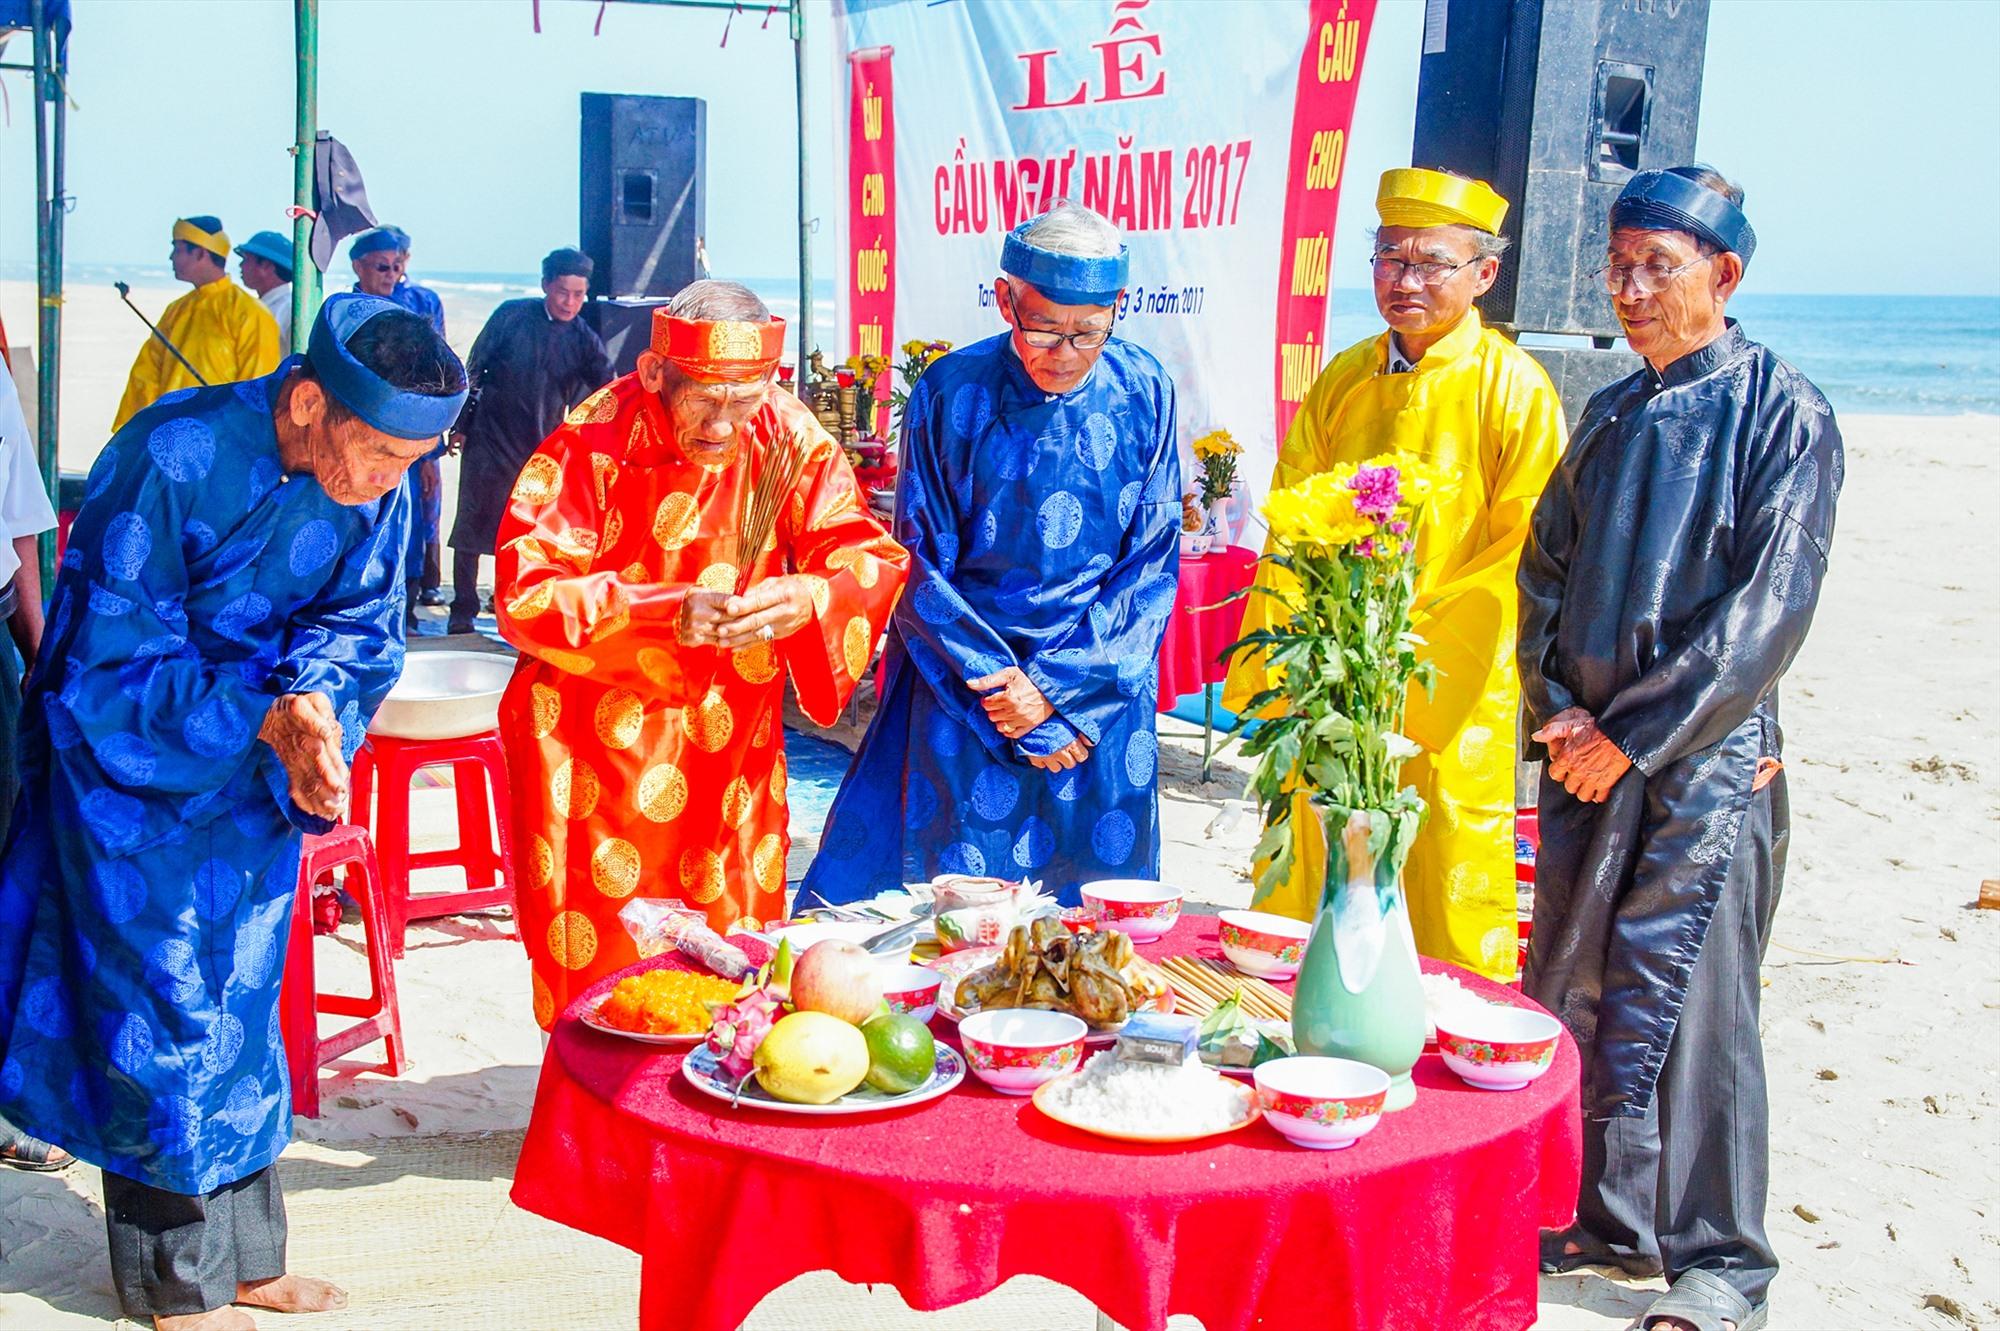 Lễ cầu ngư của ngư dân làng biển Tam Thanh (Tam Kỳ).Ảnh: PHƯƠNG THẢO